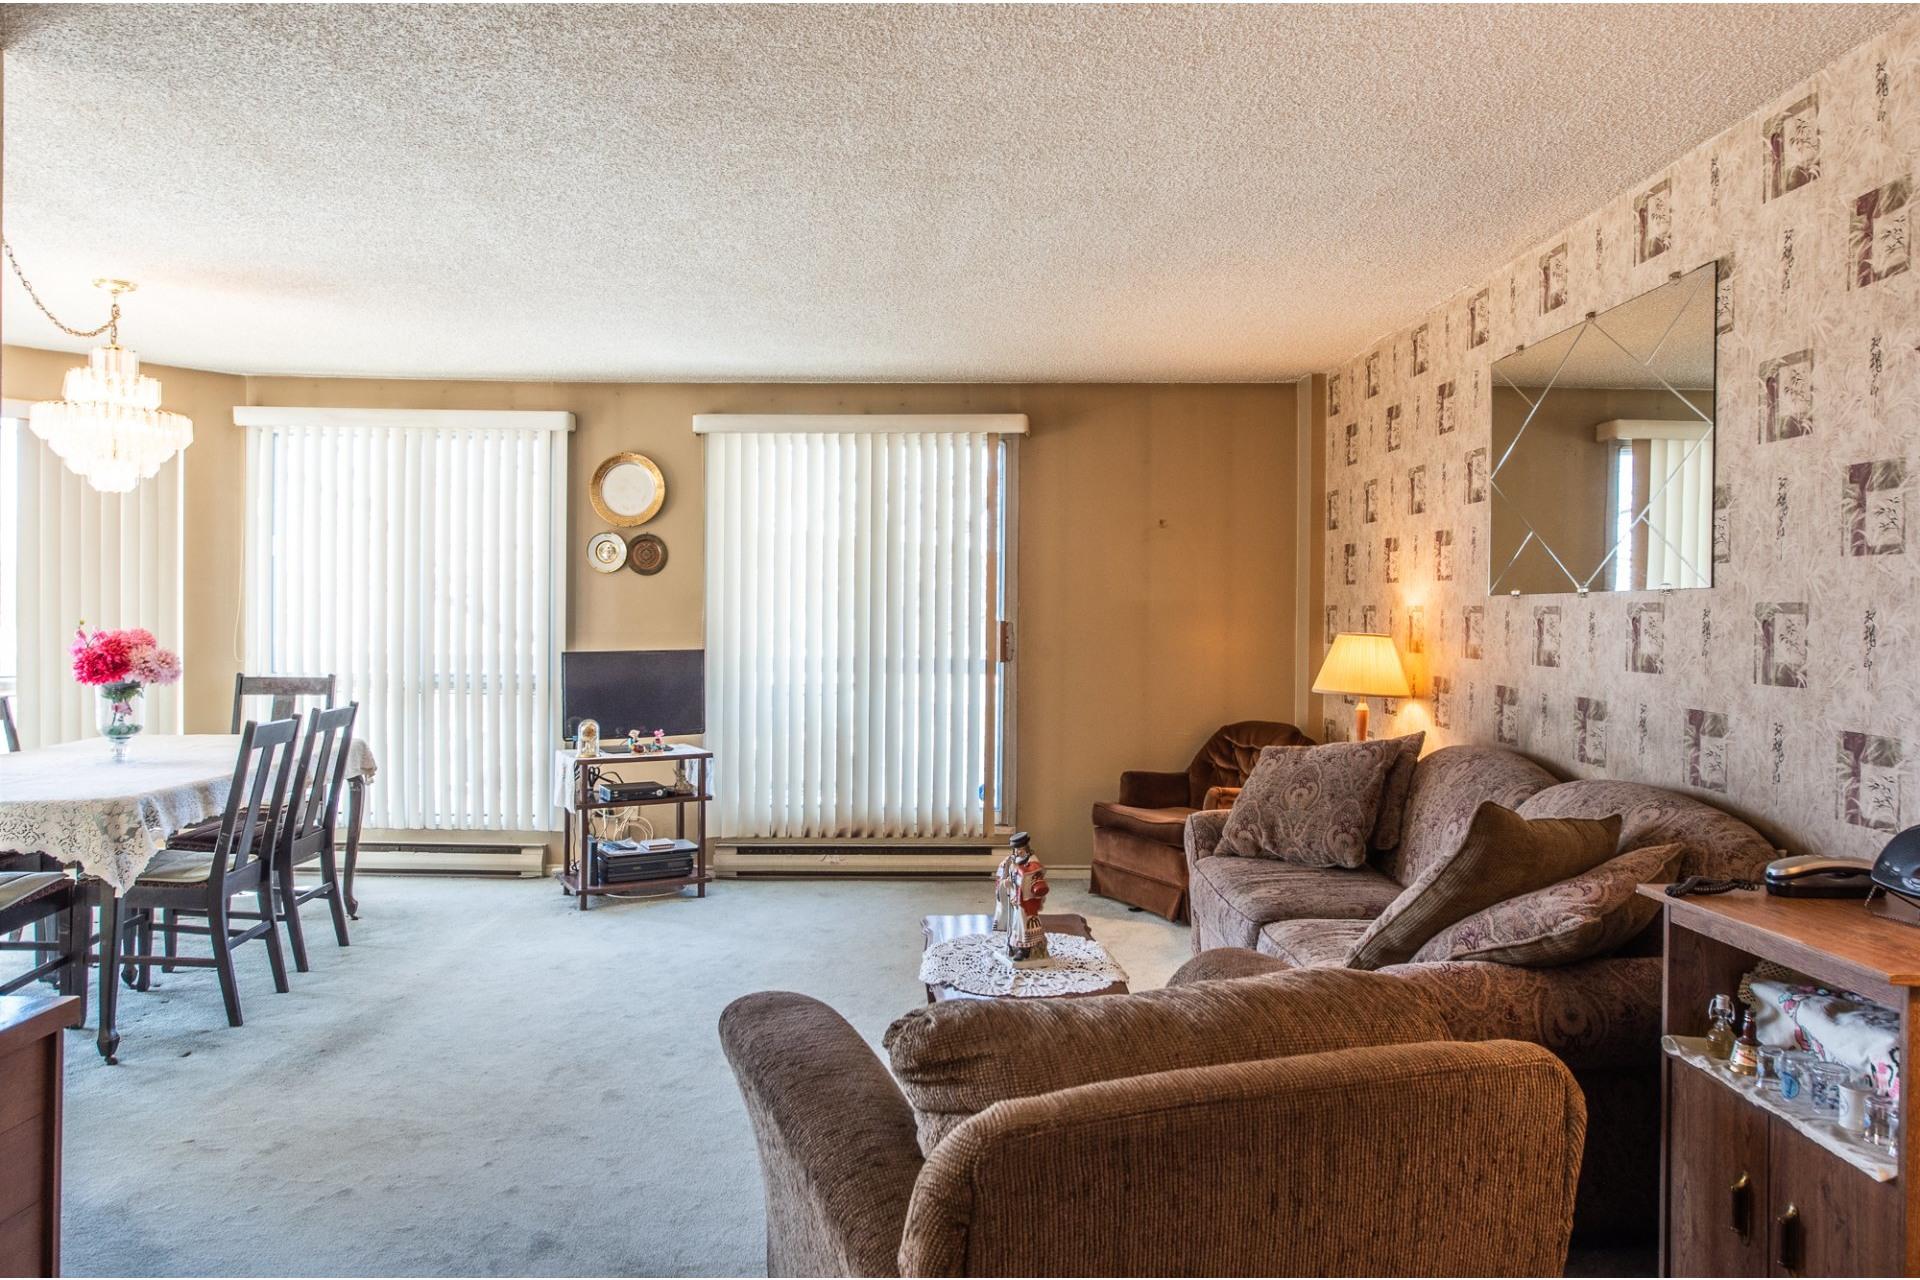 image 4 - Apartment For sale Montréal Saint-Laurent  - 5 rooms